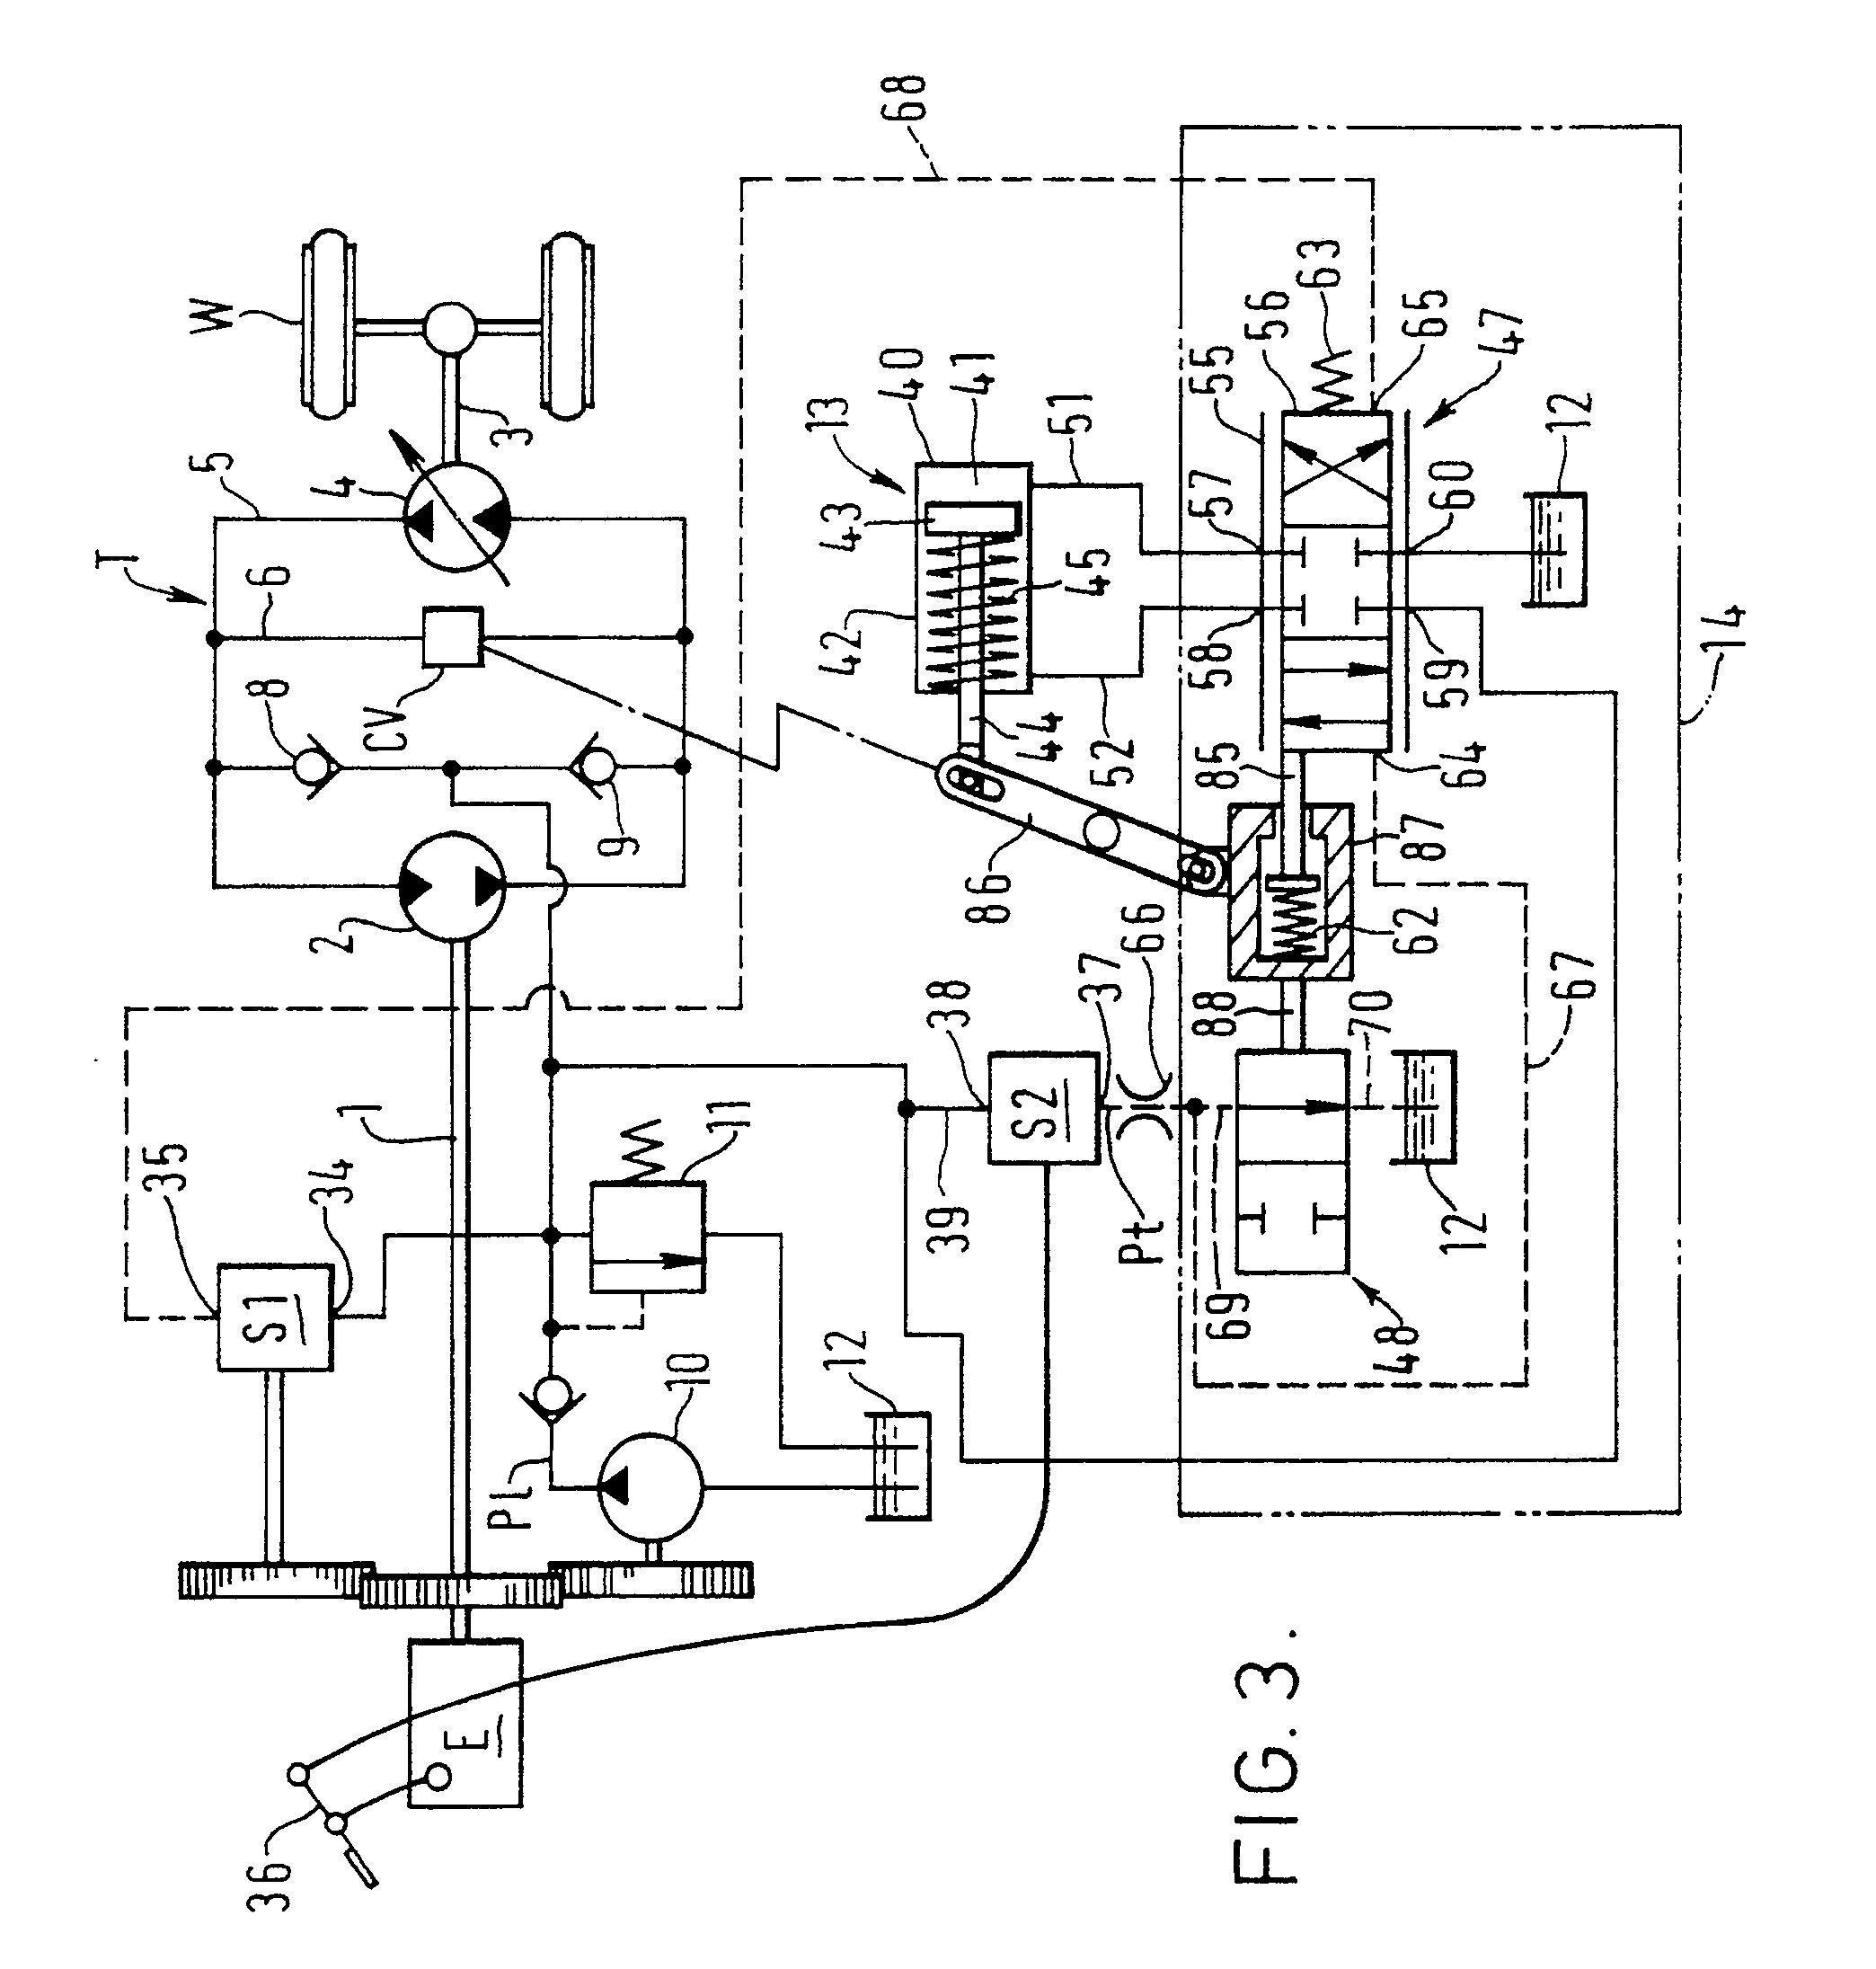 patent ep0231614b1 syst me de commande d 39 embrayage pour transmission d 39 automobile hydraulique. Black Bedroom Furniture Sets. Home Design Ideas